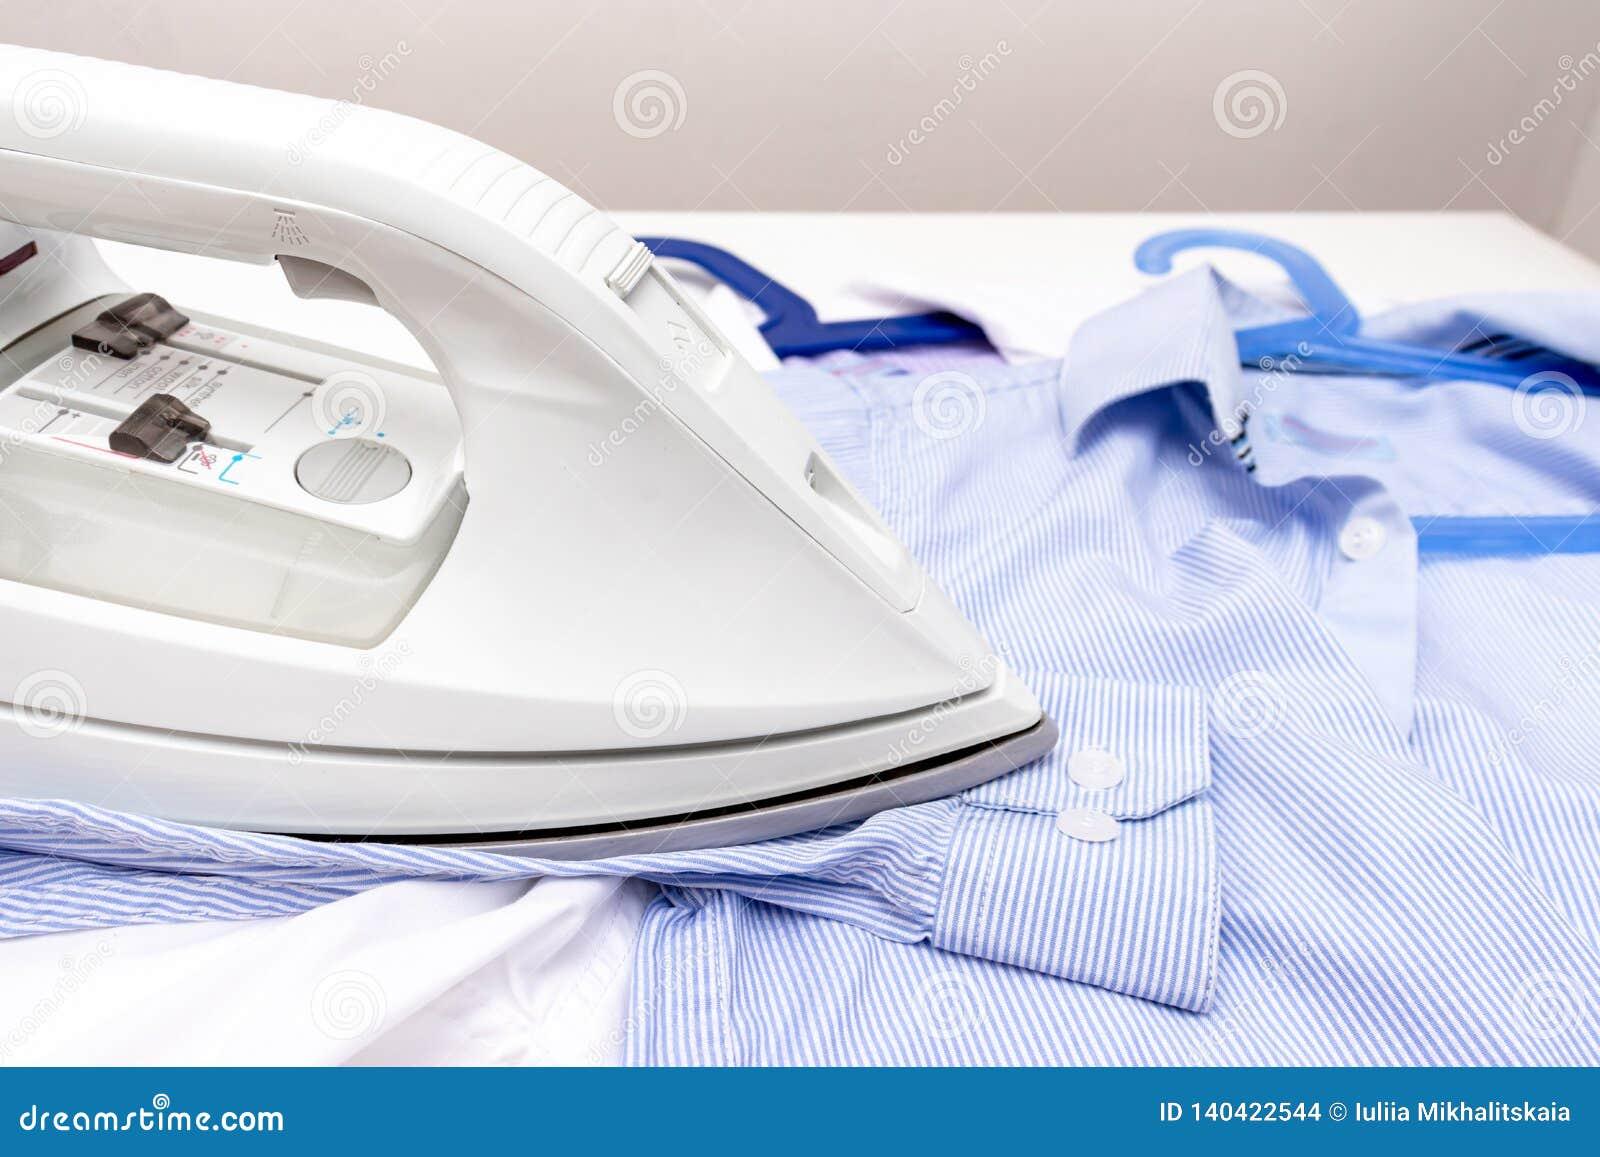 Weißer moderner elektrischer Eisenabschluß oben und blaue Hemden auf dem Tisch - Bügeln, Wäscherei und Hausarbeitkonzept